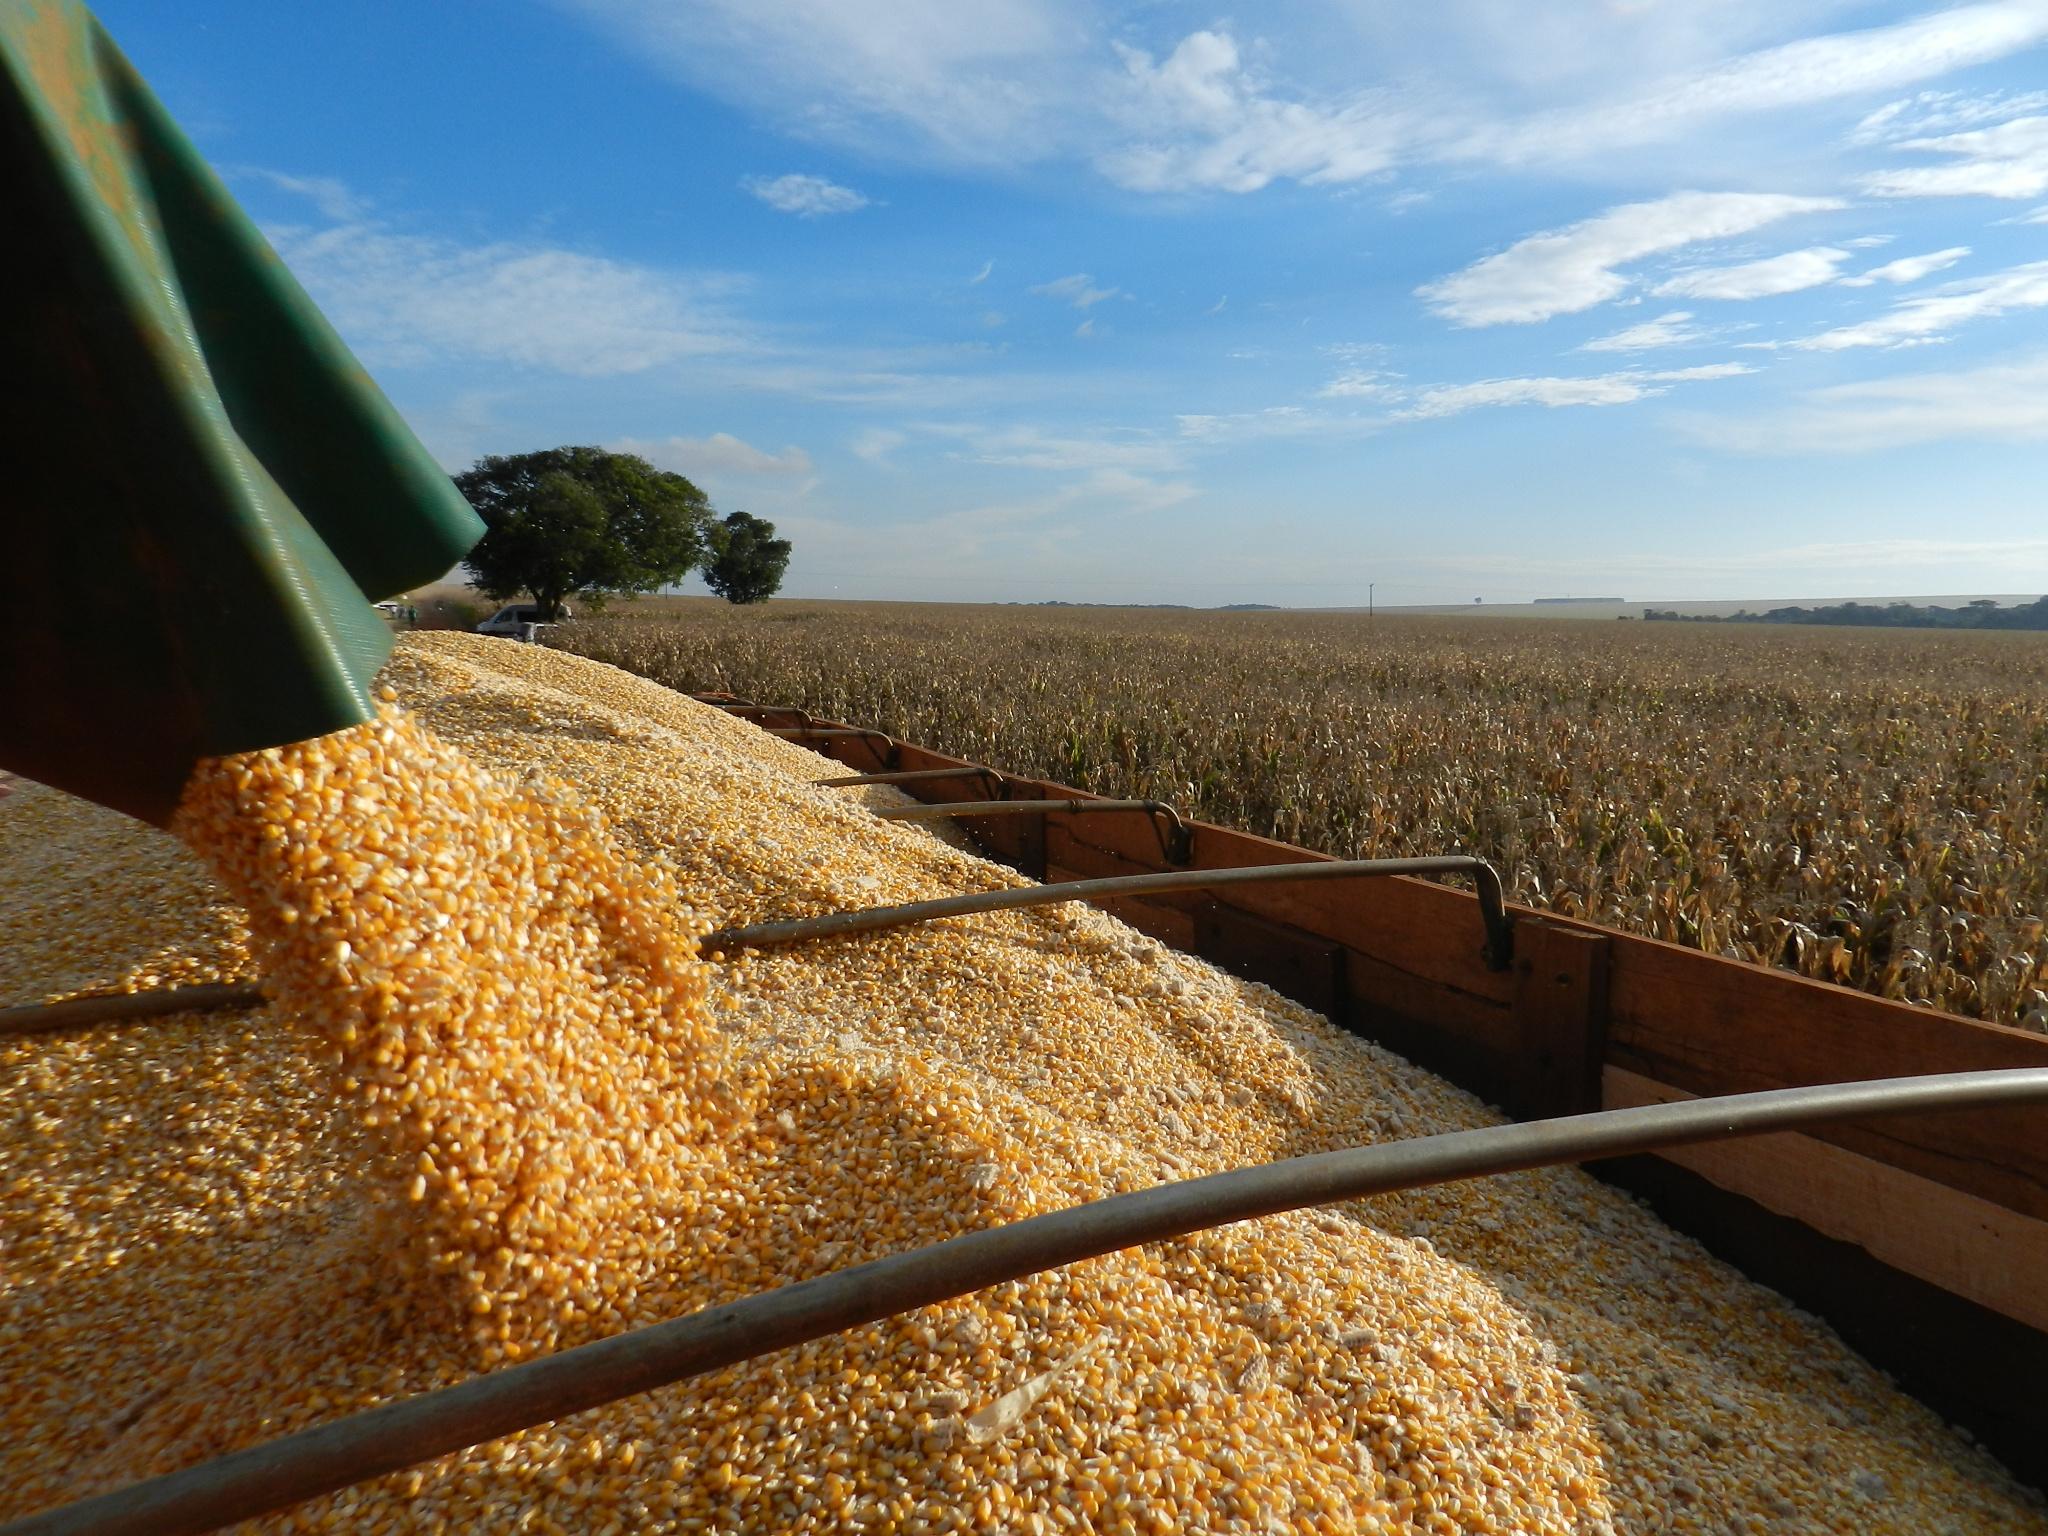 Safra de grãos supera recorde e pode chegar a 234 milhões de toneladas